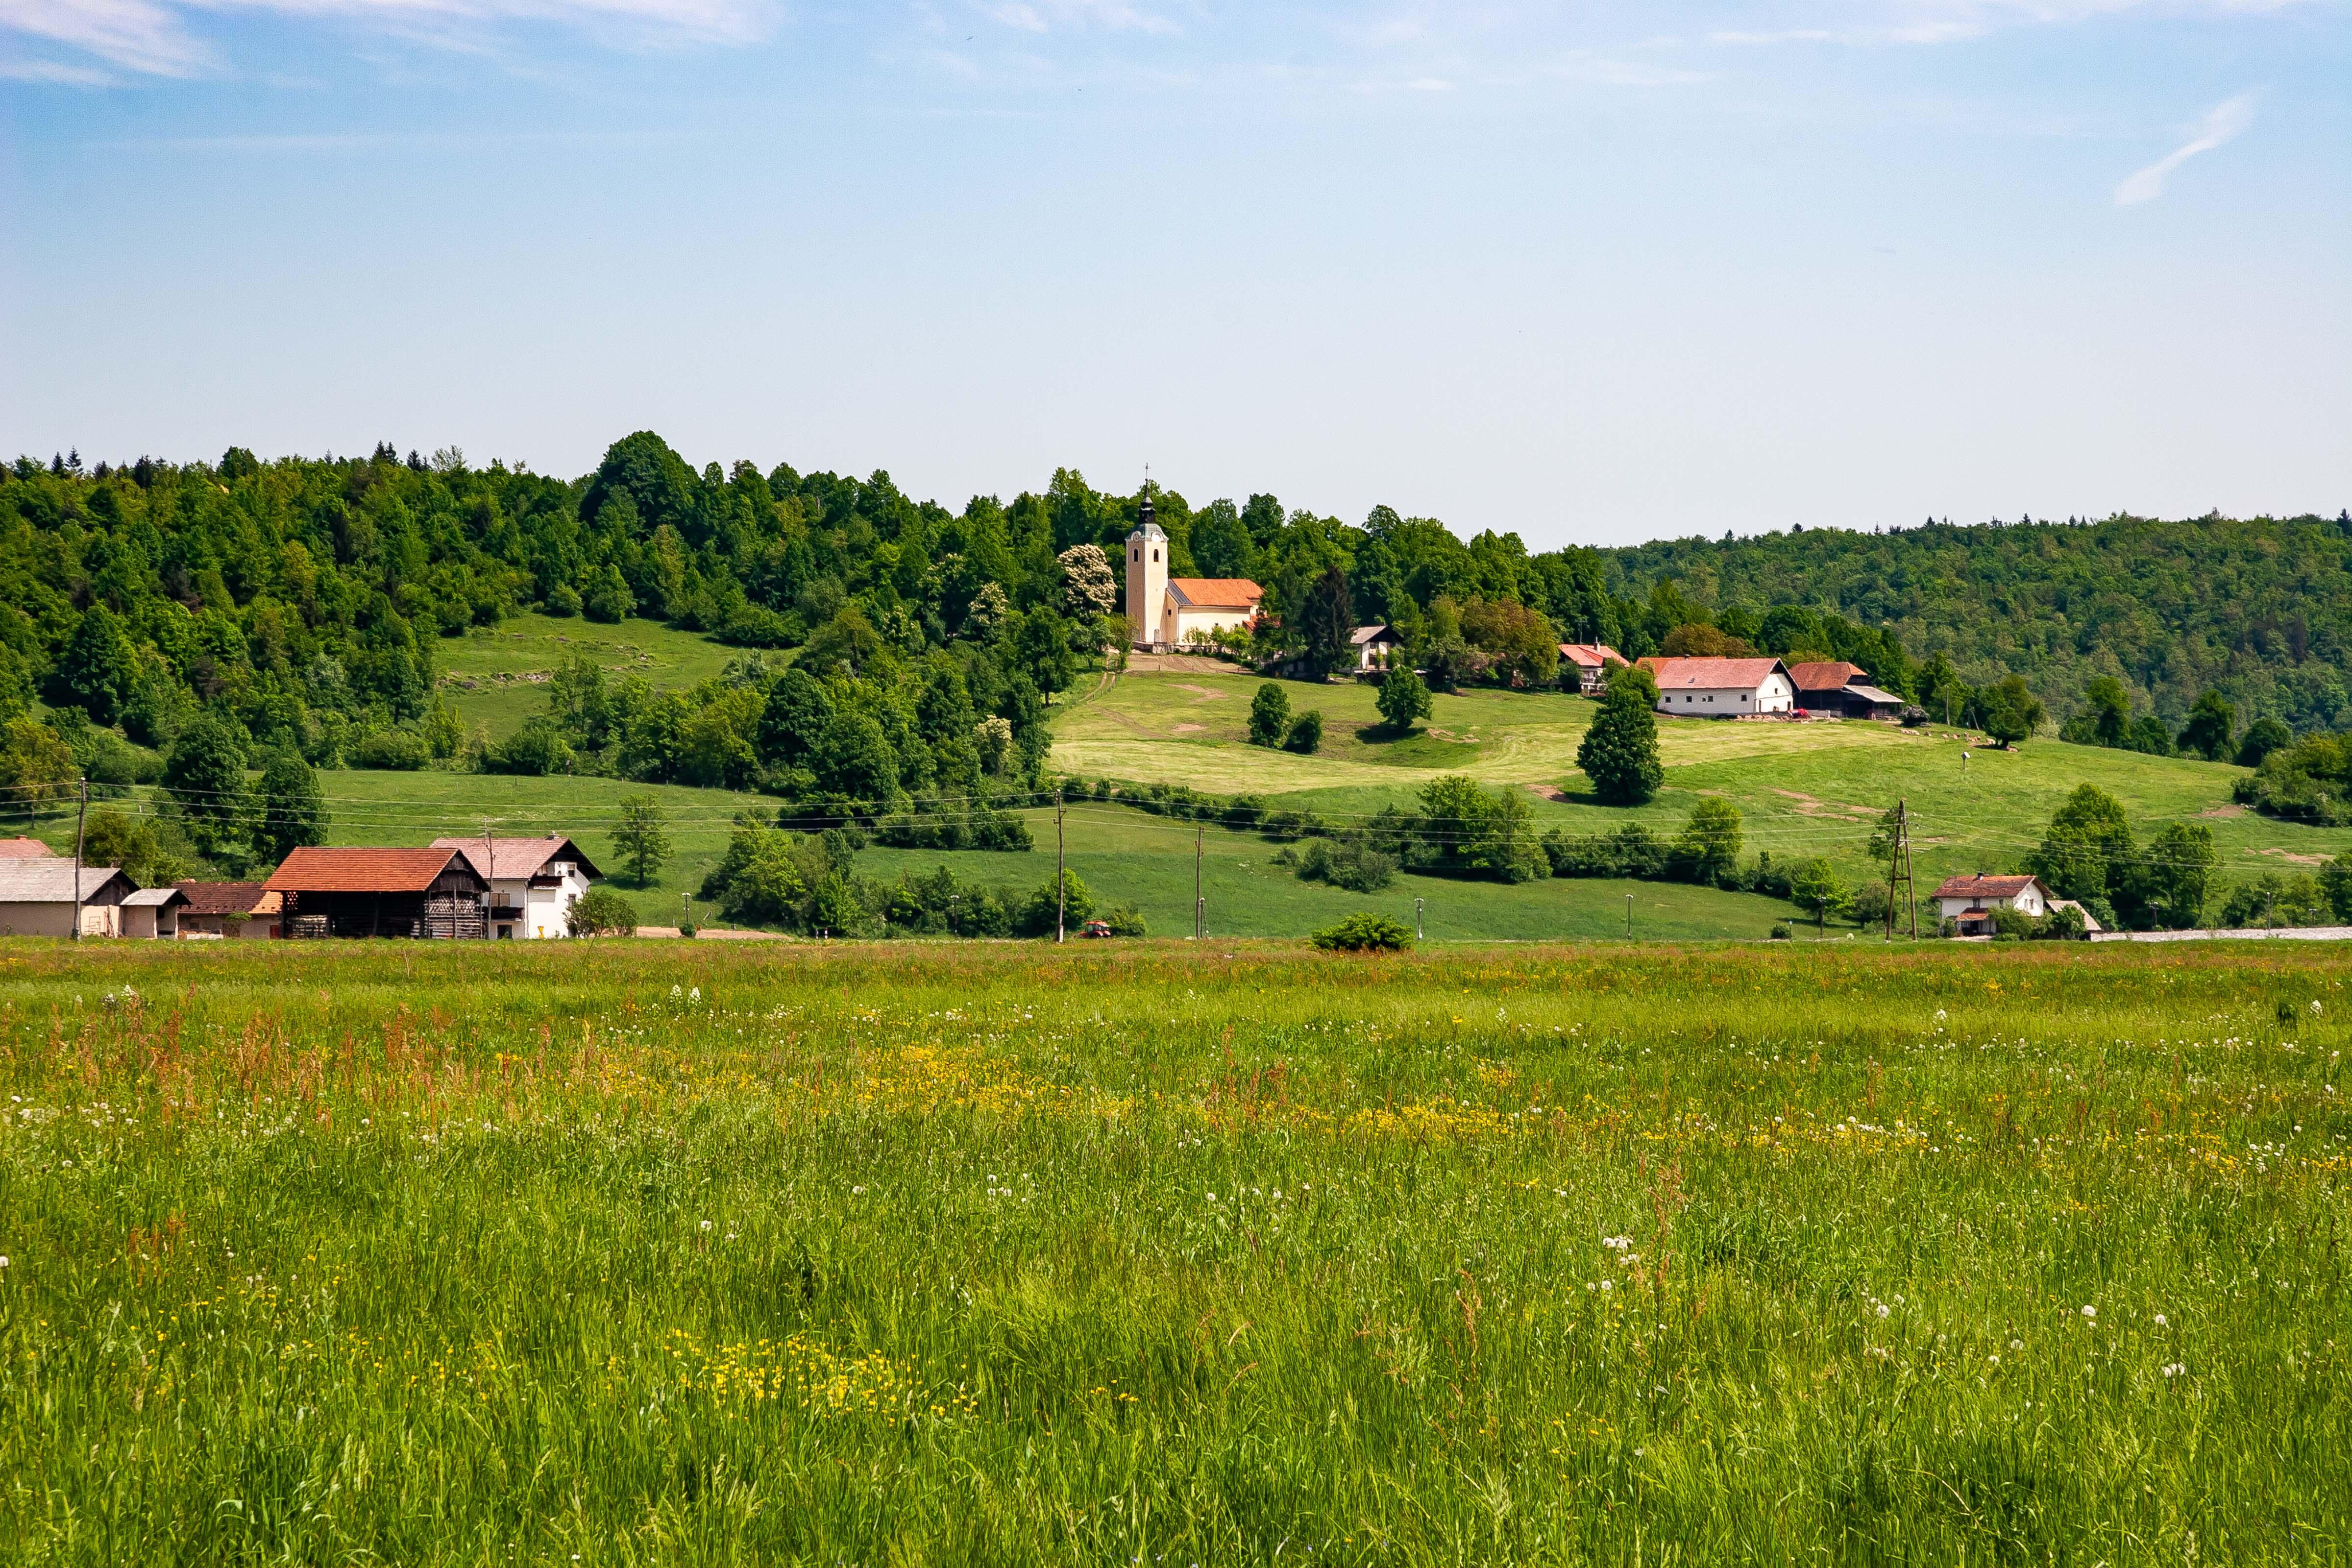 Slovenia, Dobrepolje Prov, Landscape, 2006, IMG 7226